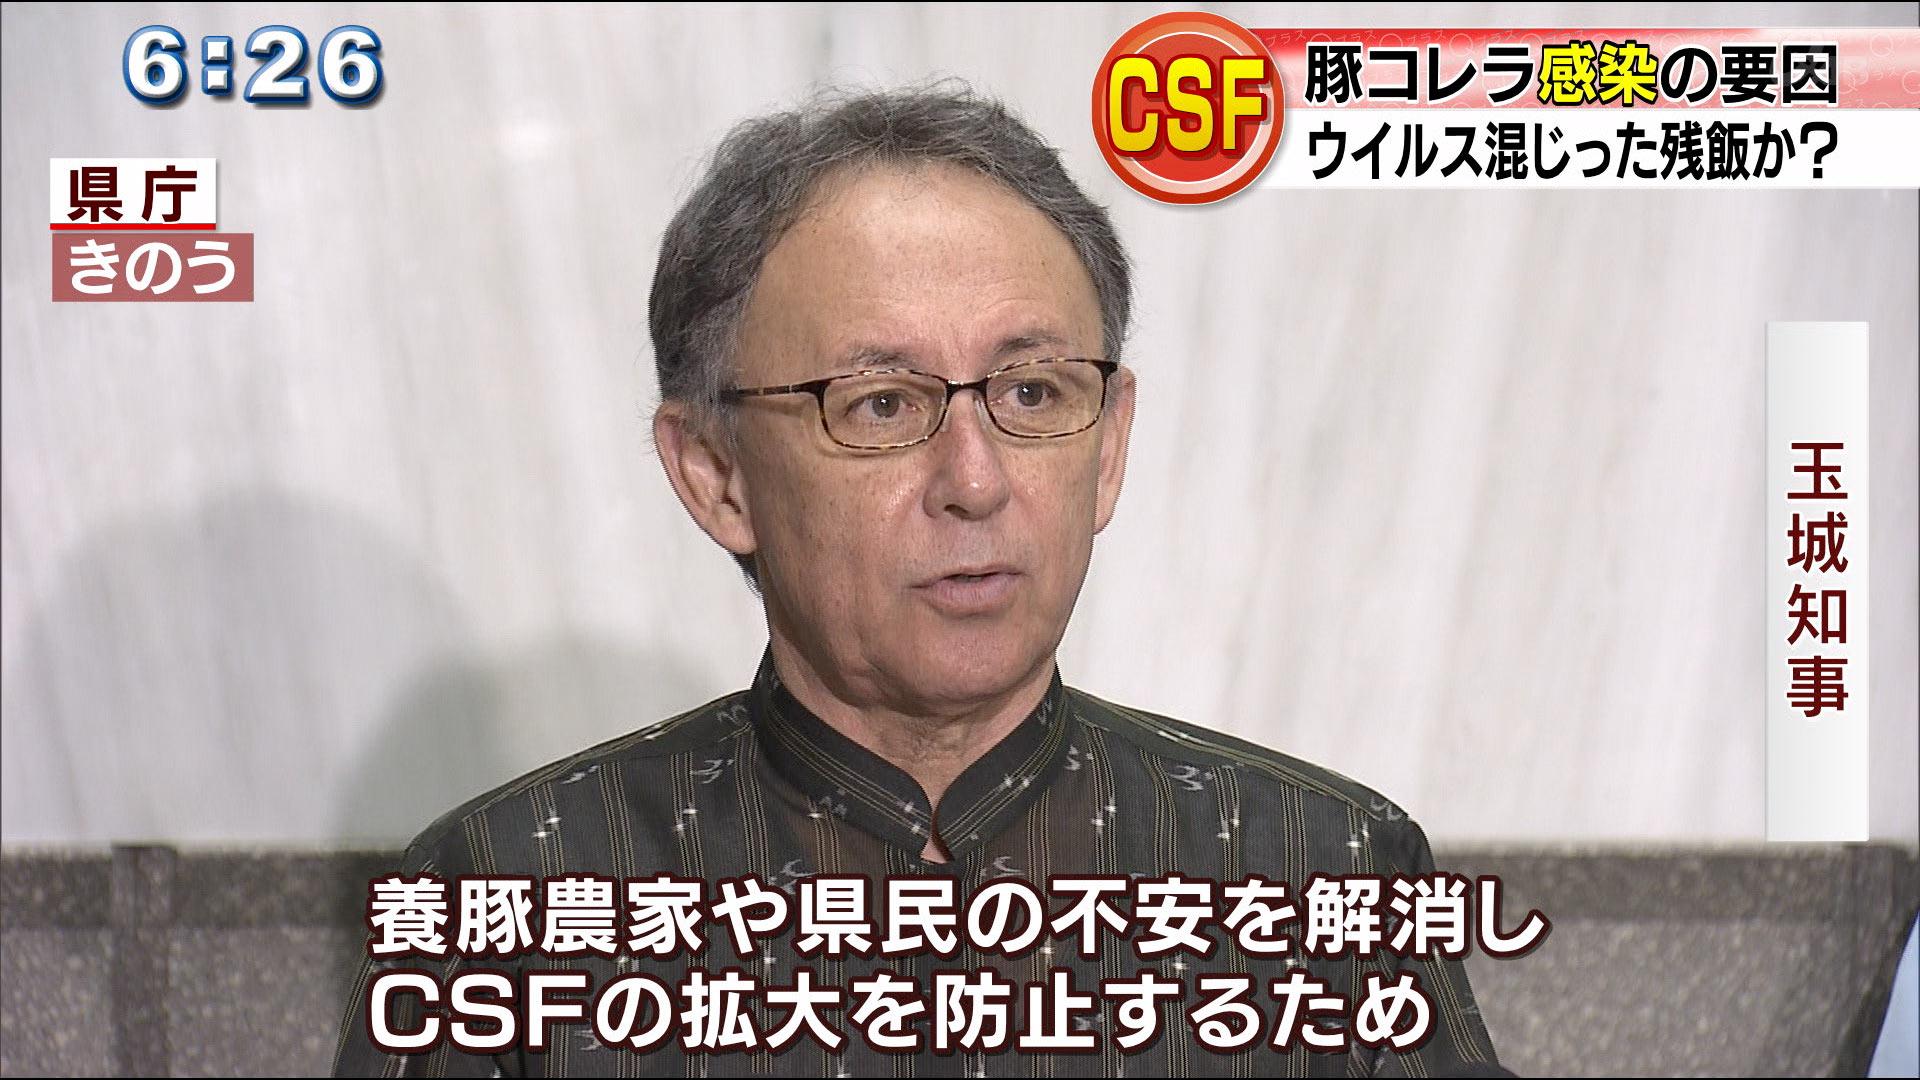 豚コレラなぜ沖縄で発生? 侵入経路の解明に会議